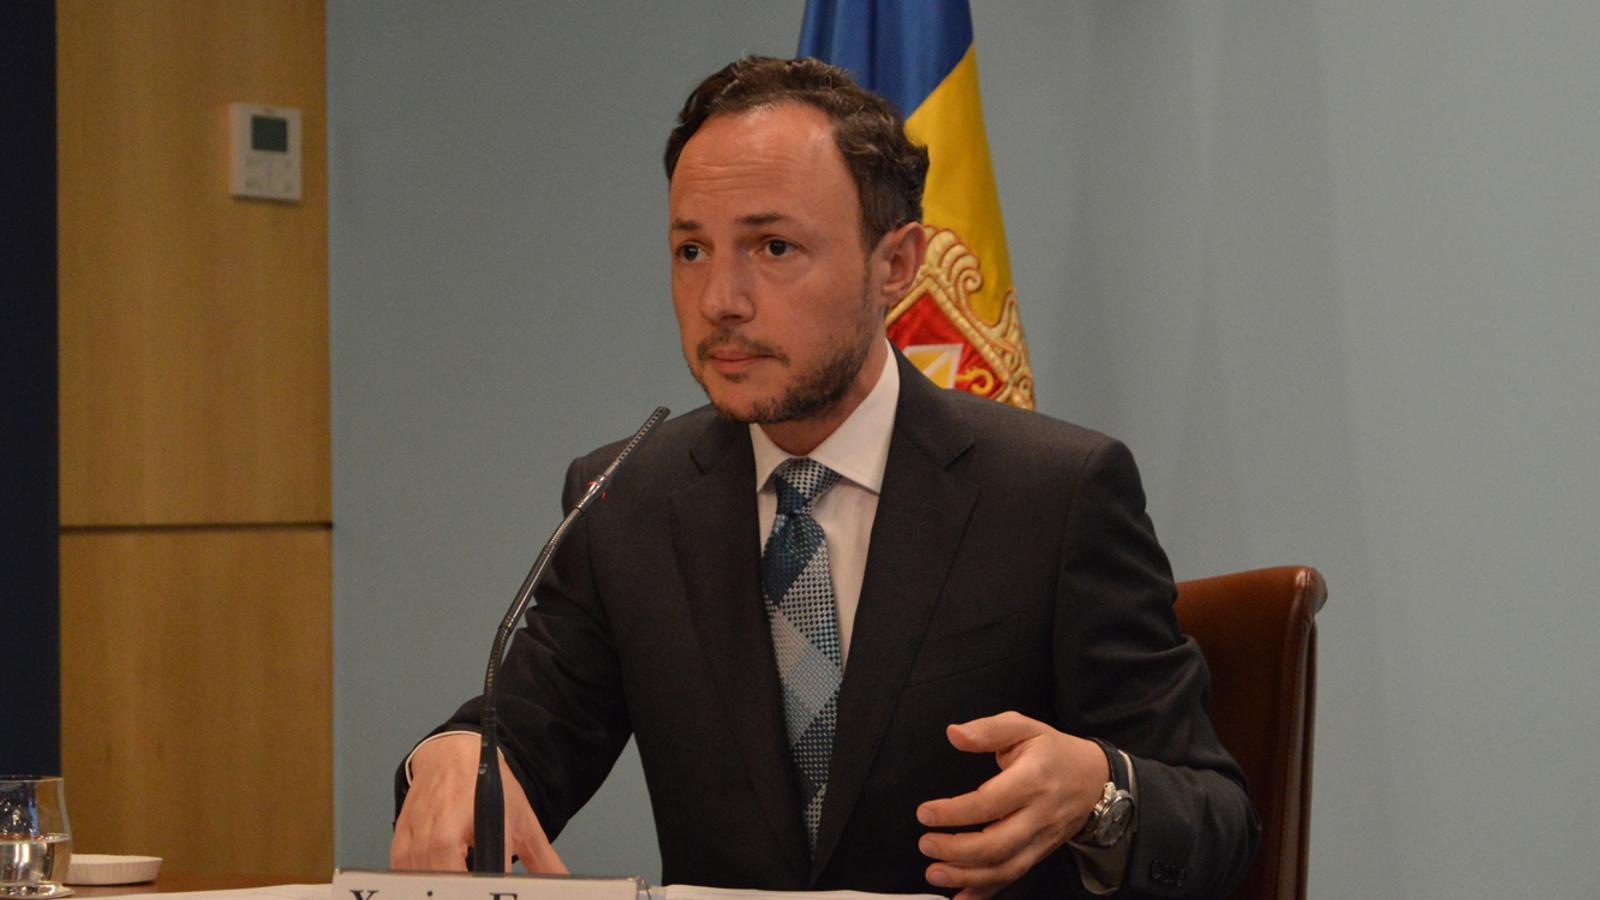 El cap de Govern, Xavier Espot, durant la roda de premsa d'aquest divendres. / M. F. (ANA)